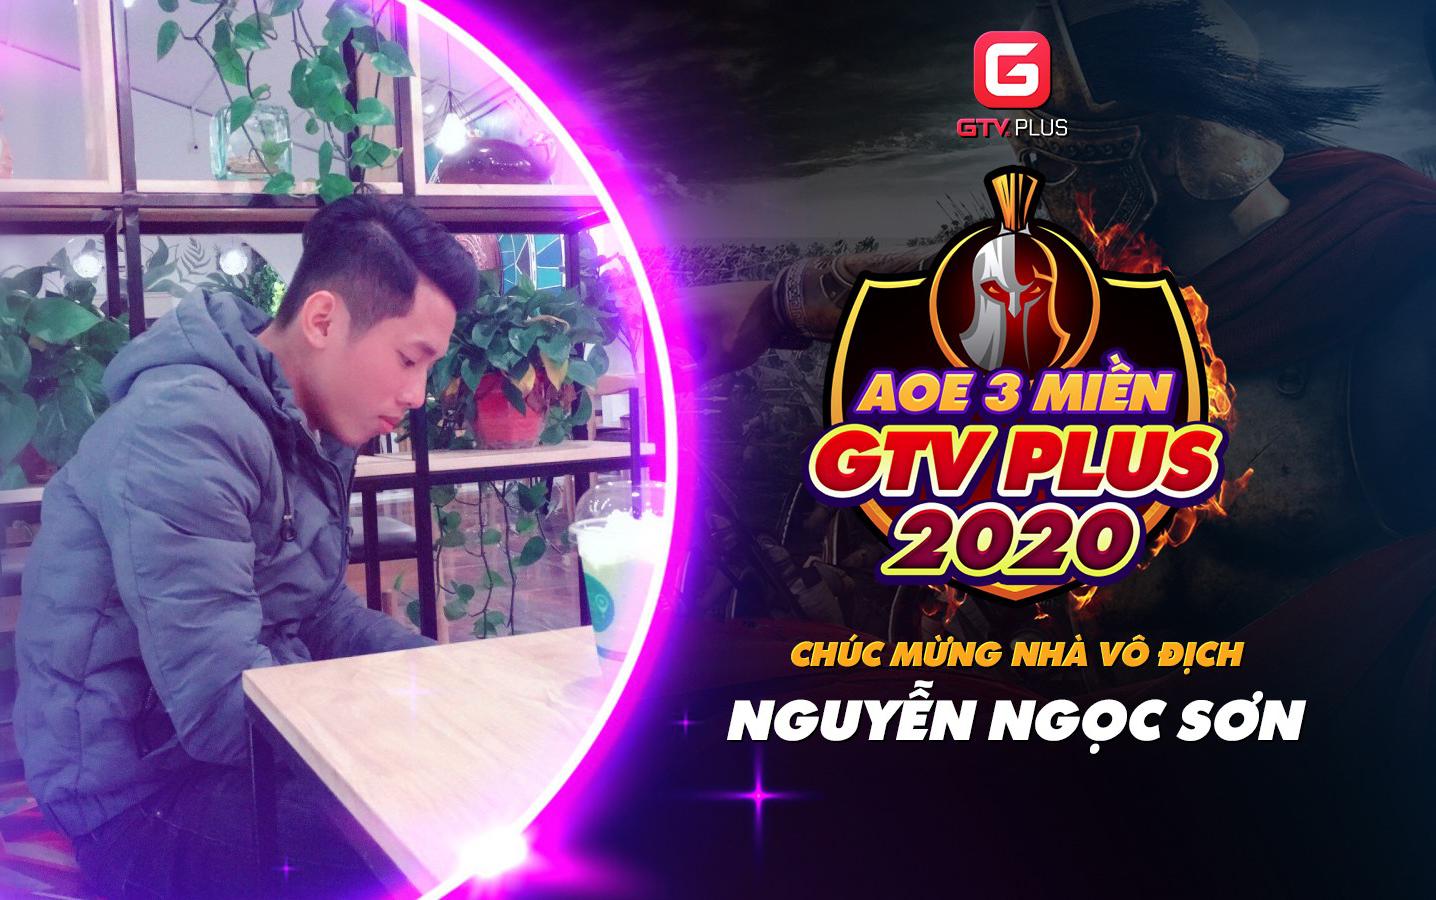 GTV Plus AoE 3 Miền: Chức vô địch đã có chủ và MaxR lại ghi điểm trong lòng khán giả AoE